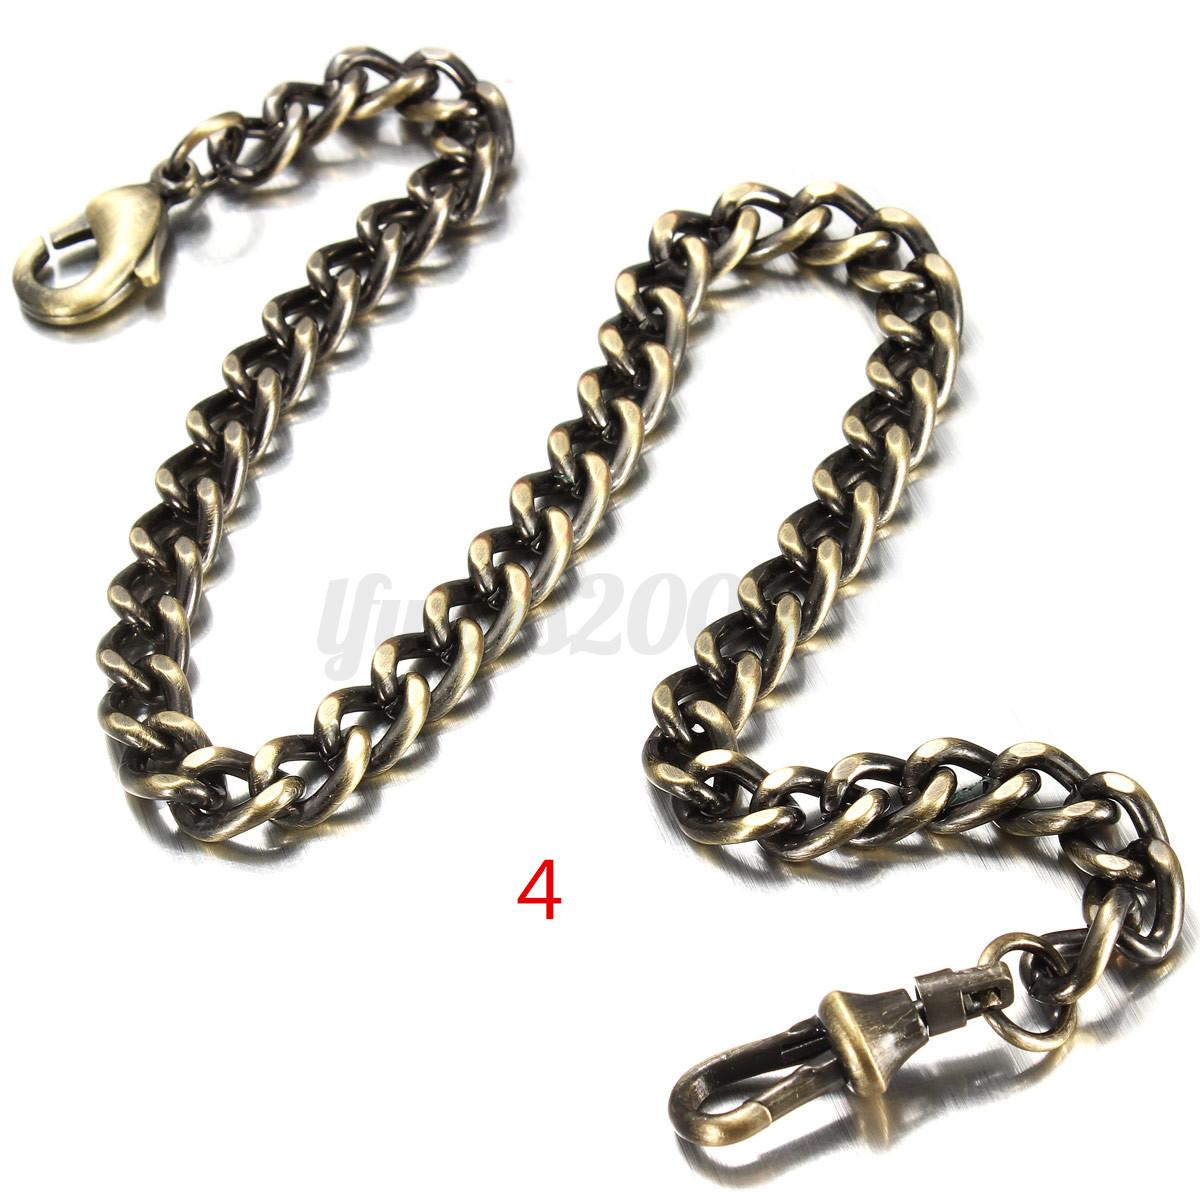 UHR-Taschenuhr-Kettenuhr-Taschenuhrenkette-Pocket-Watch-Uhrenkette-Halskette